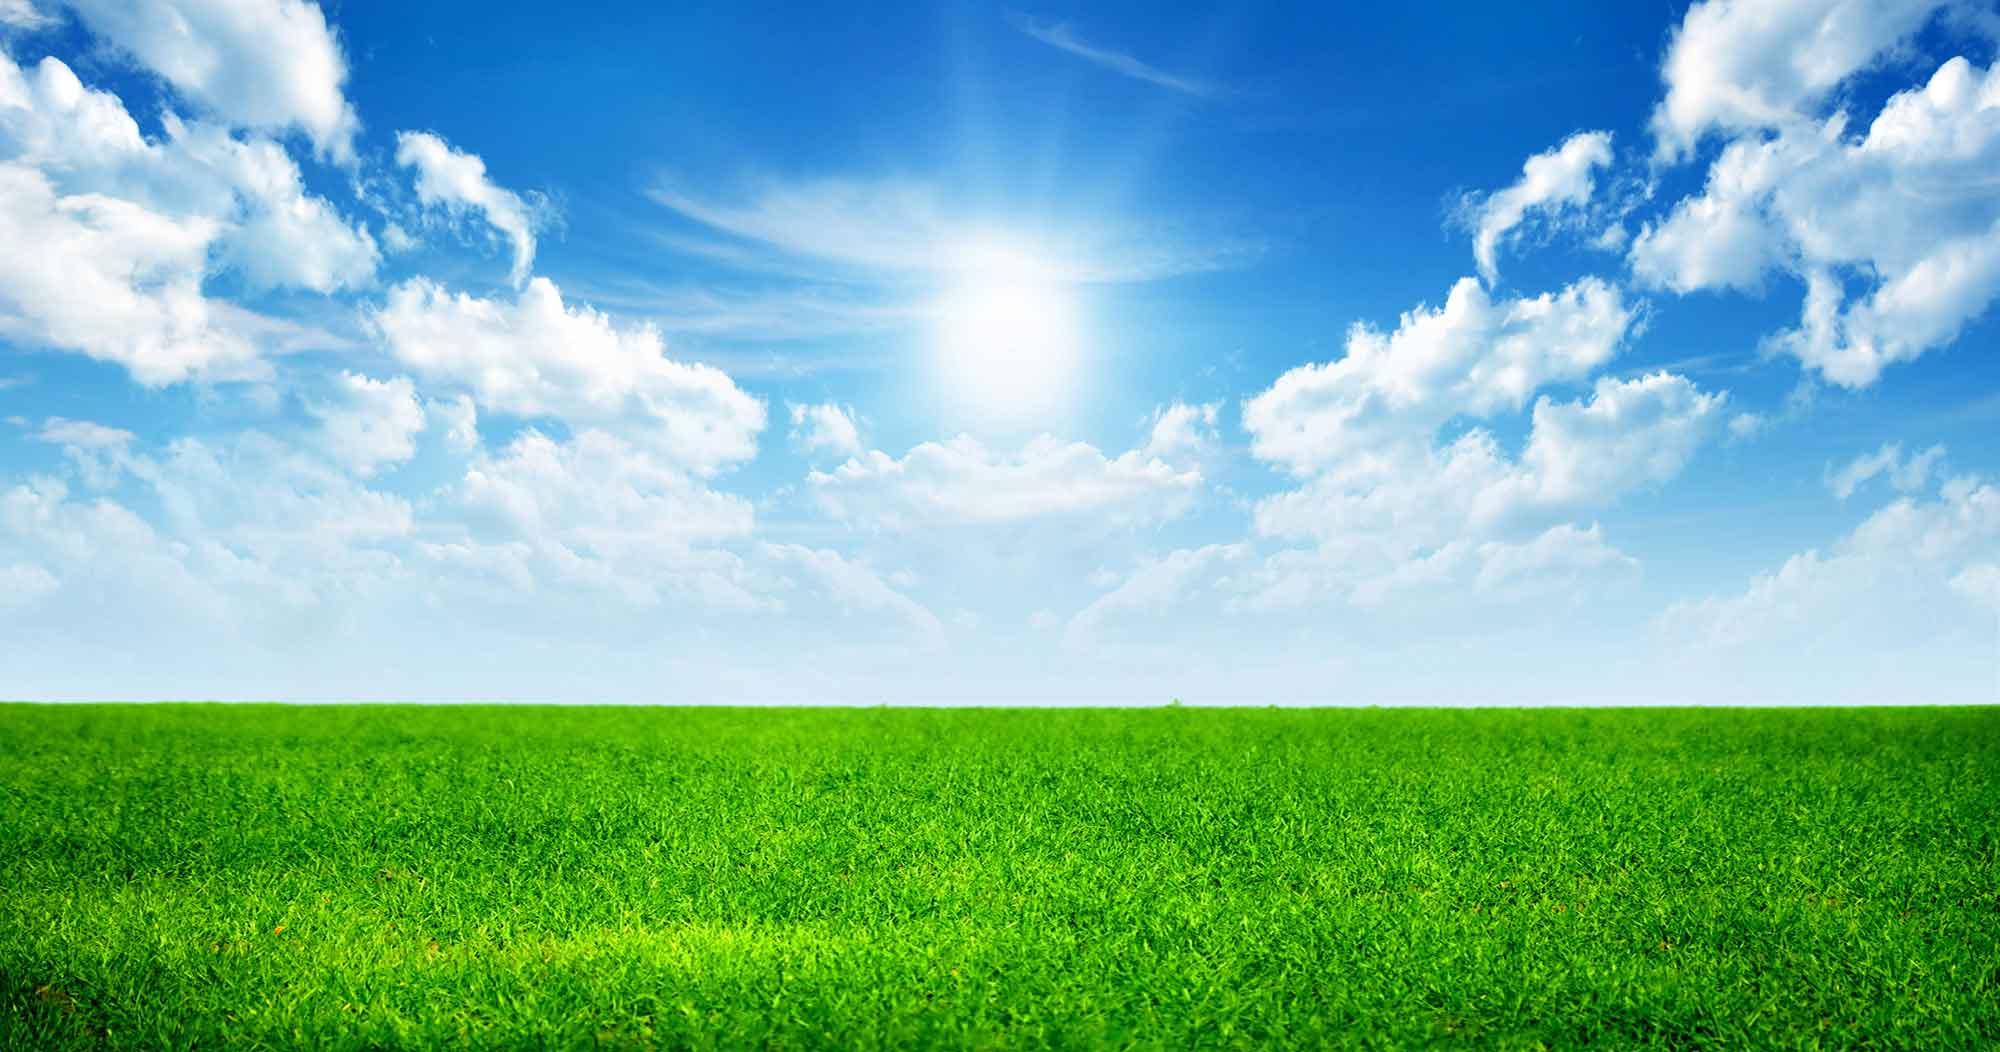 sky-grass